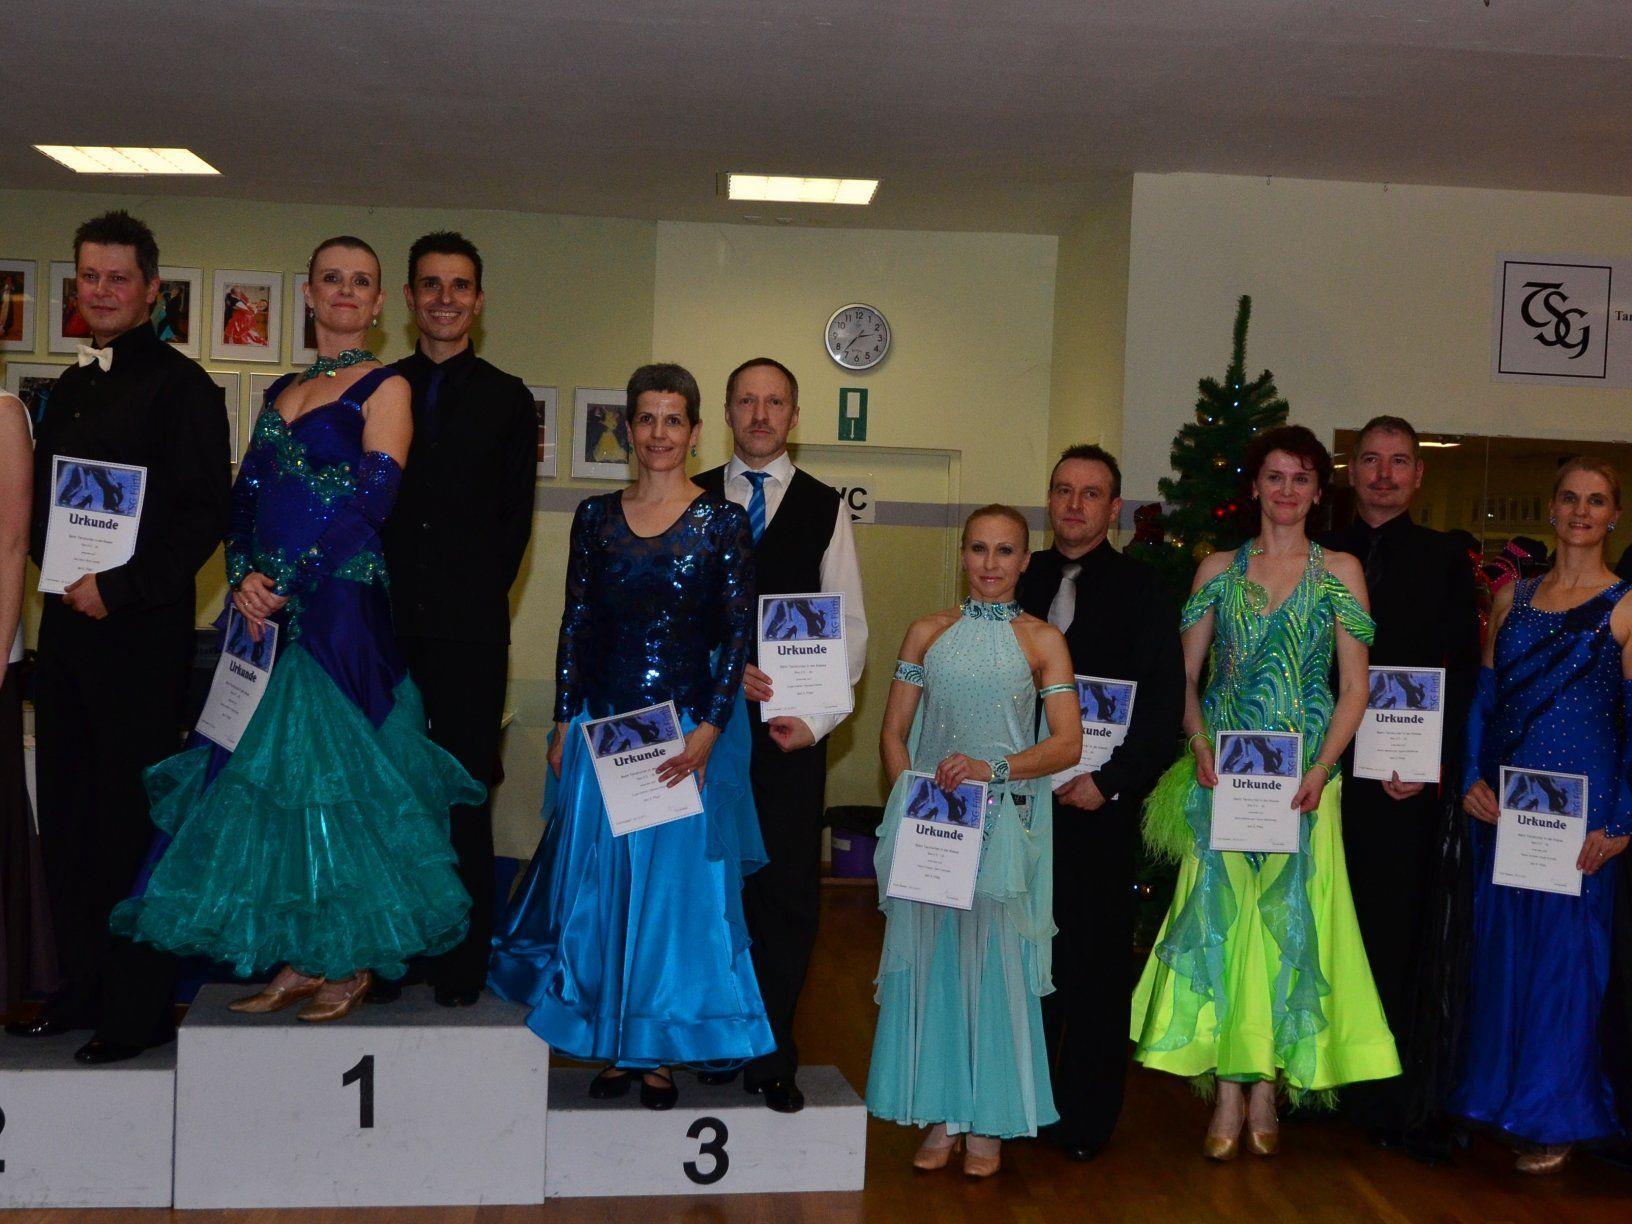 Barbara und Eugen Kathan freuen sich über den 3. Platz!